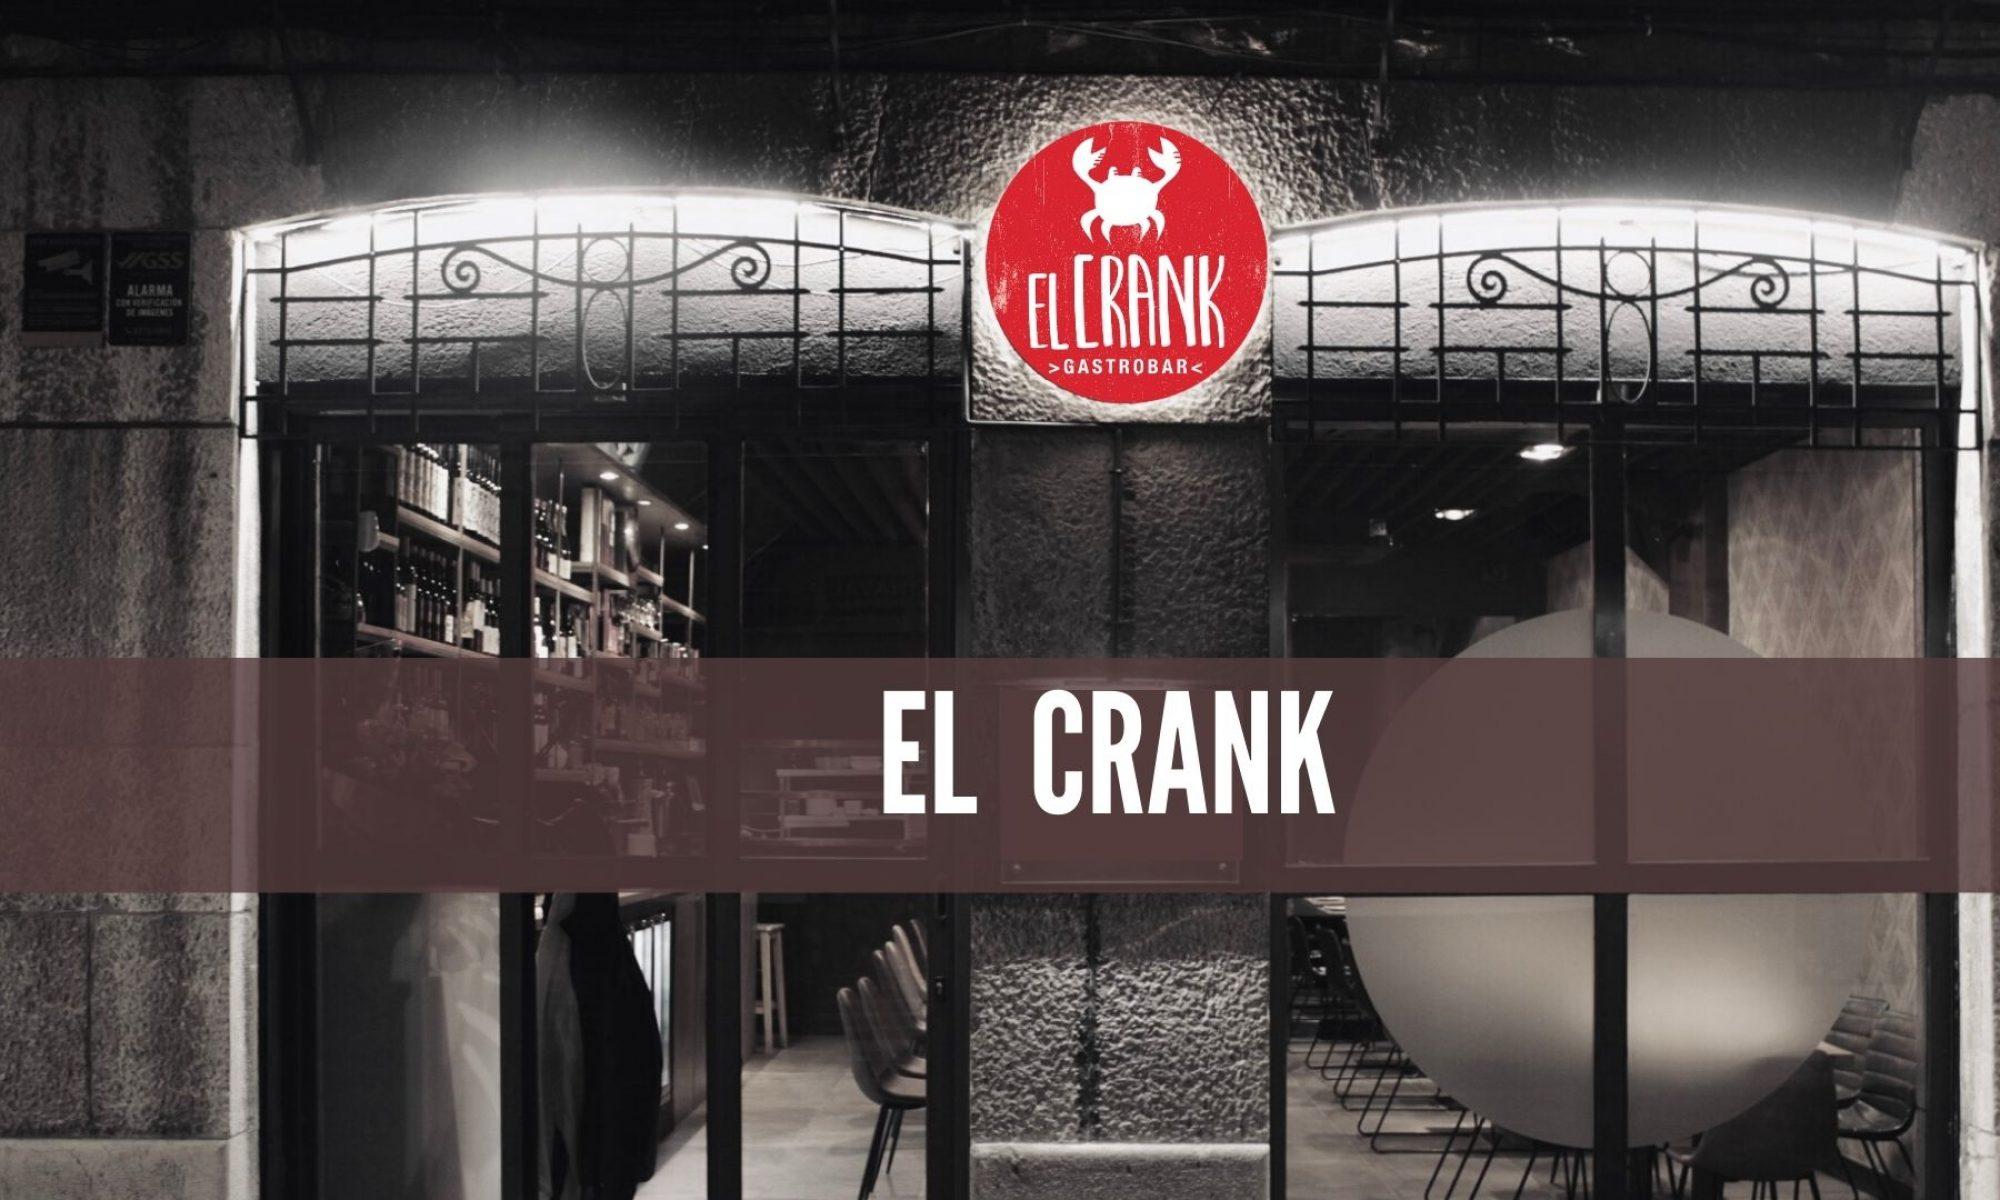 El Crank Gastrobar